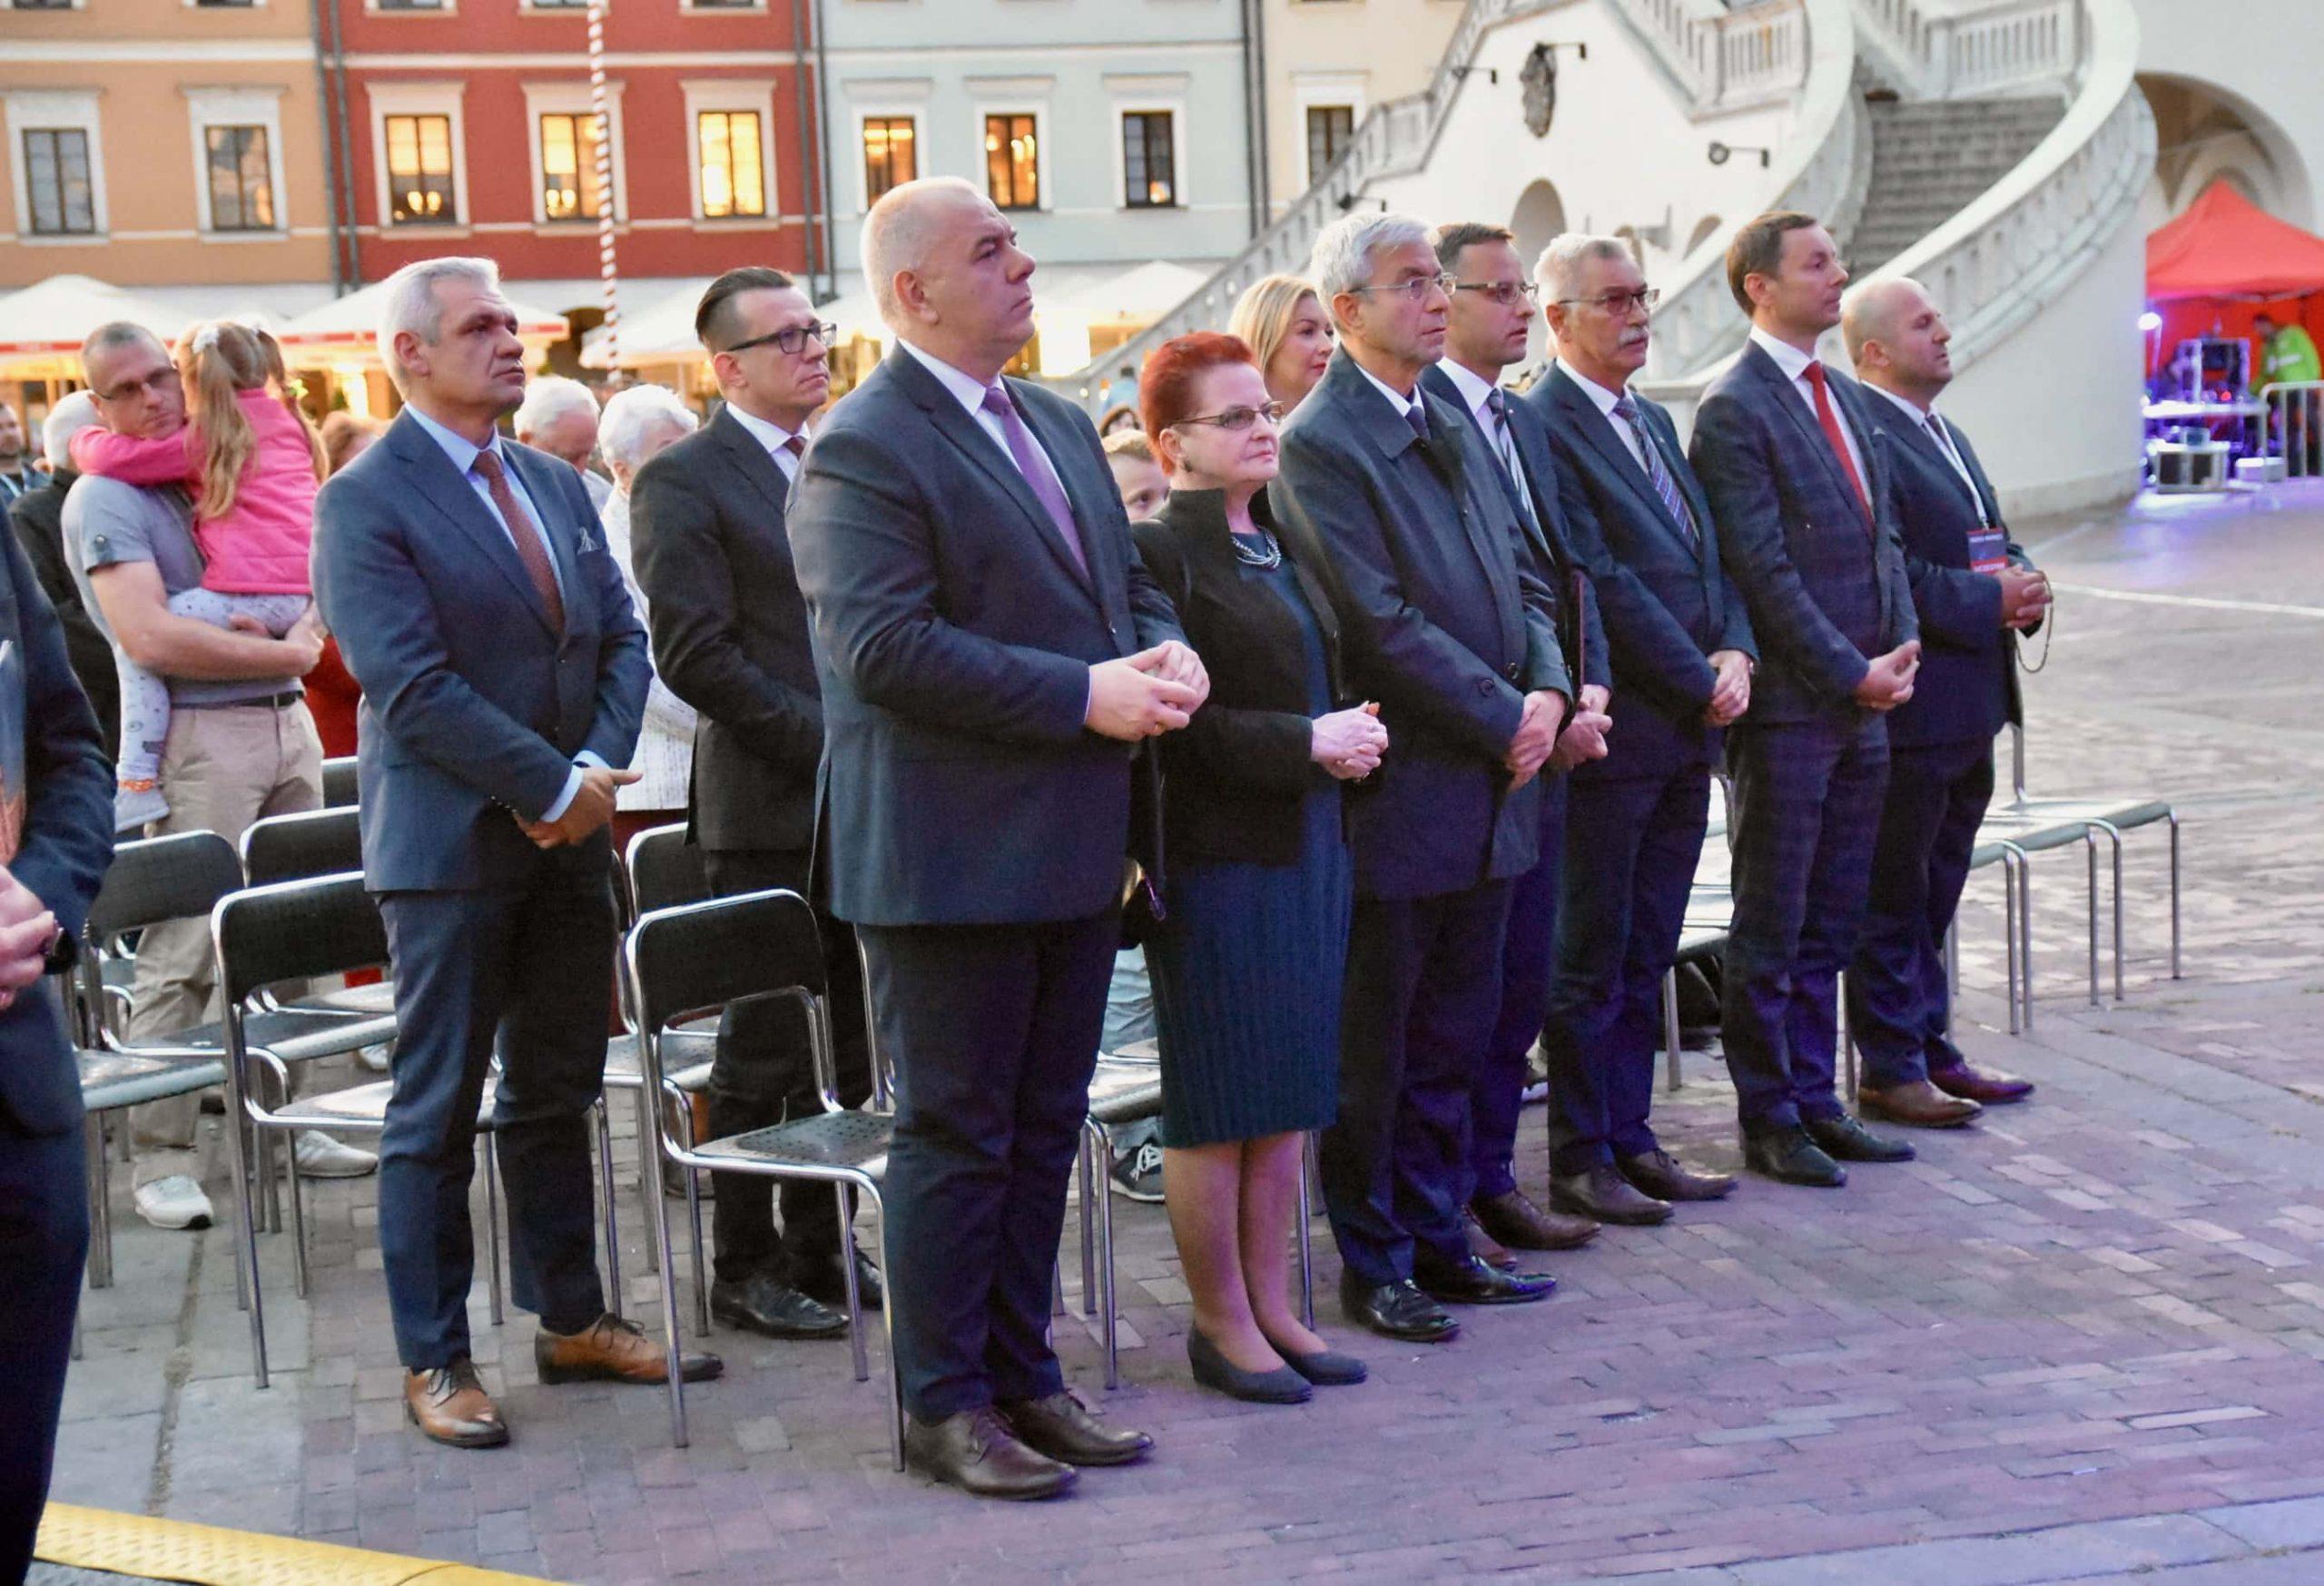 dsc 7544 scaled Tyle zniczy ilu zamordowanych w Katyniu (dużo zdjęć)